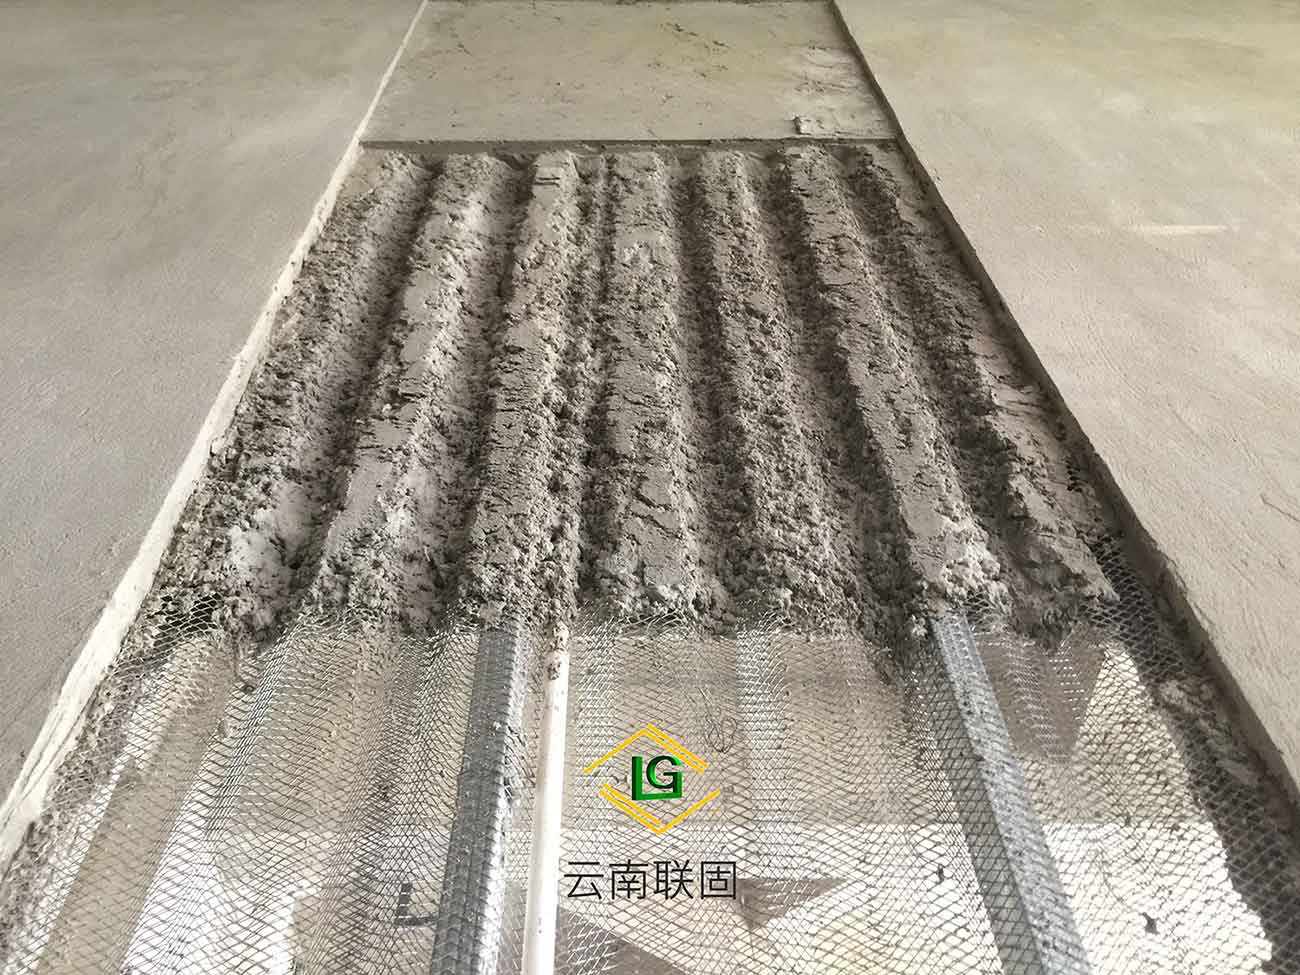 北京装配式金属网轻质隔墙厂家 欢迎来电 云南联固建筑材料供应